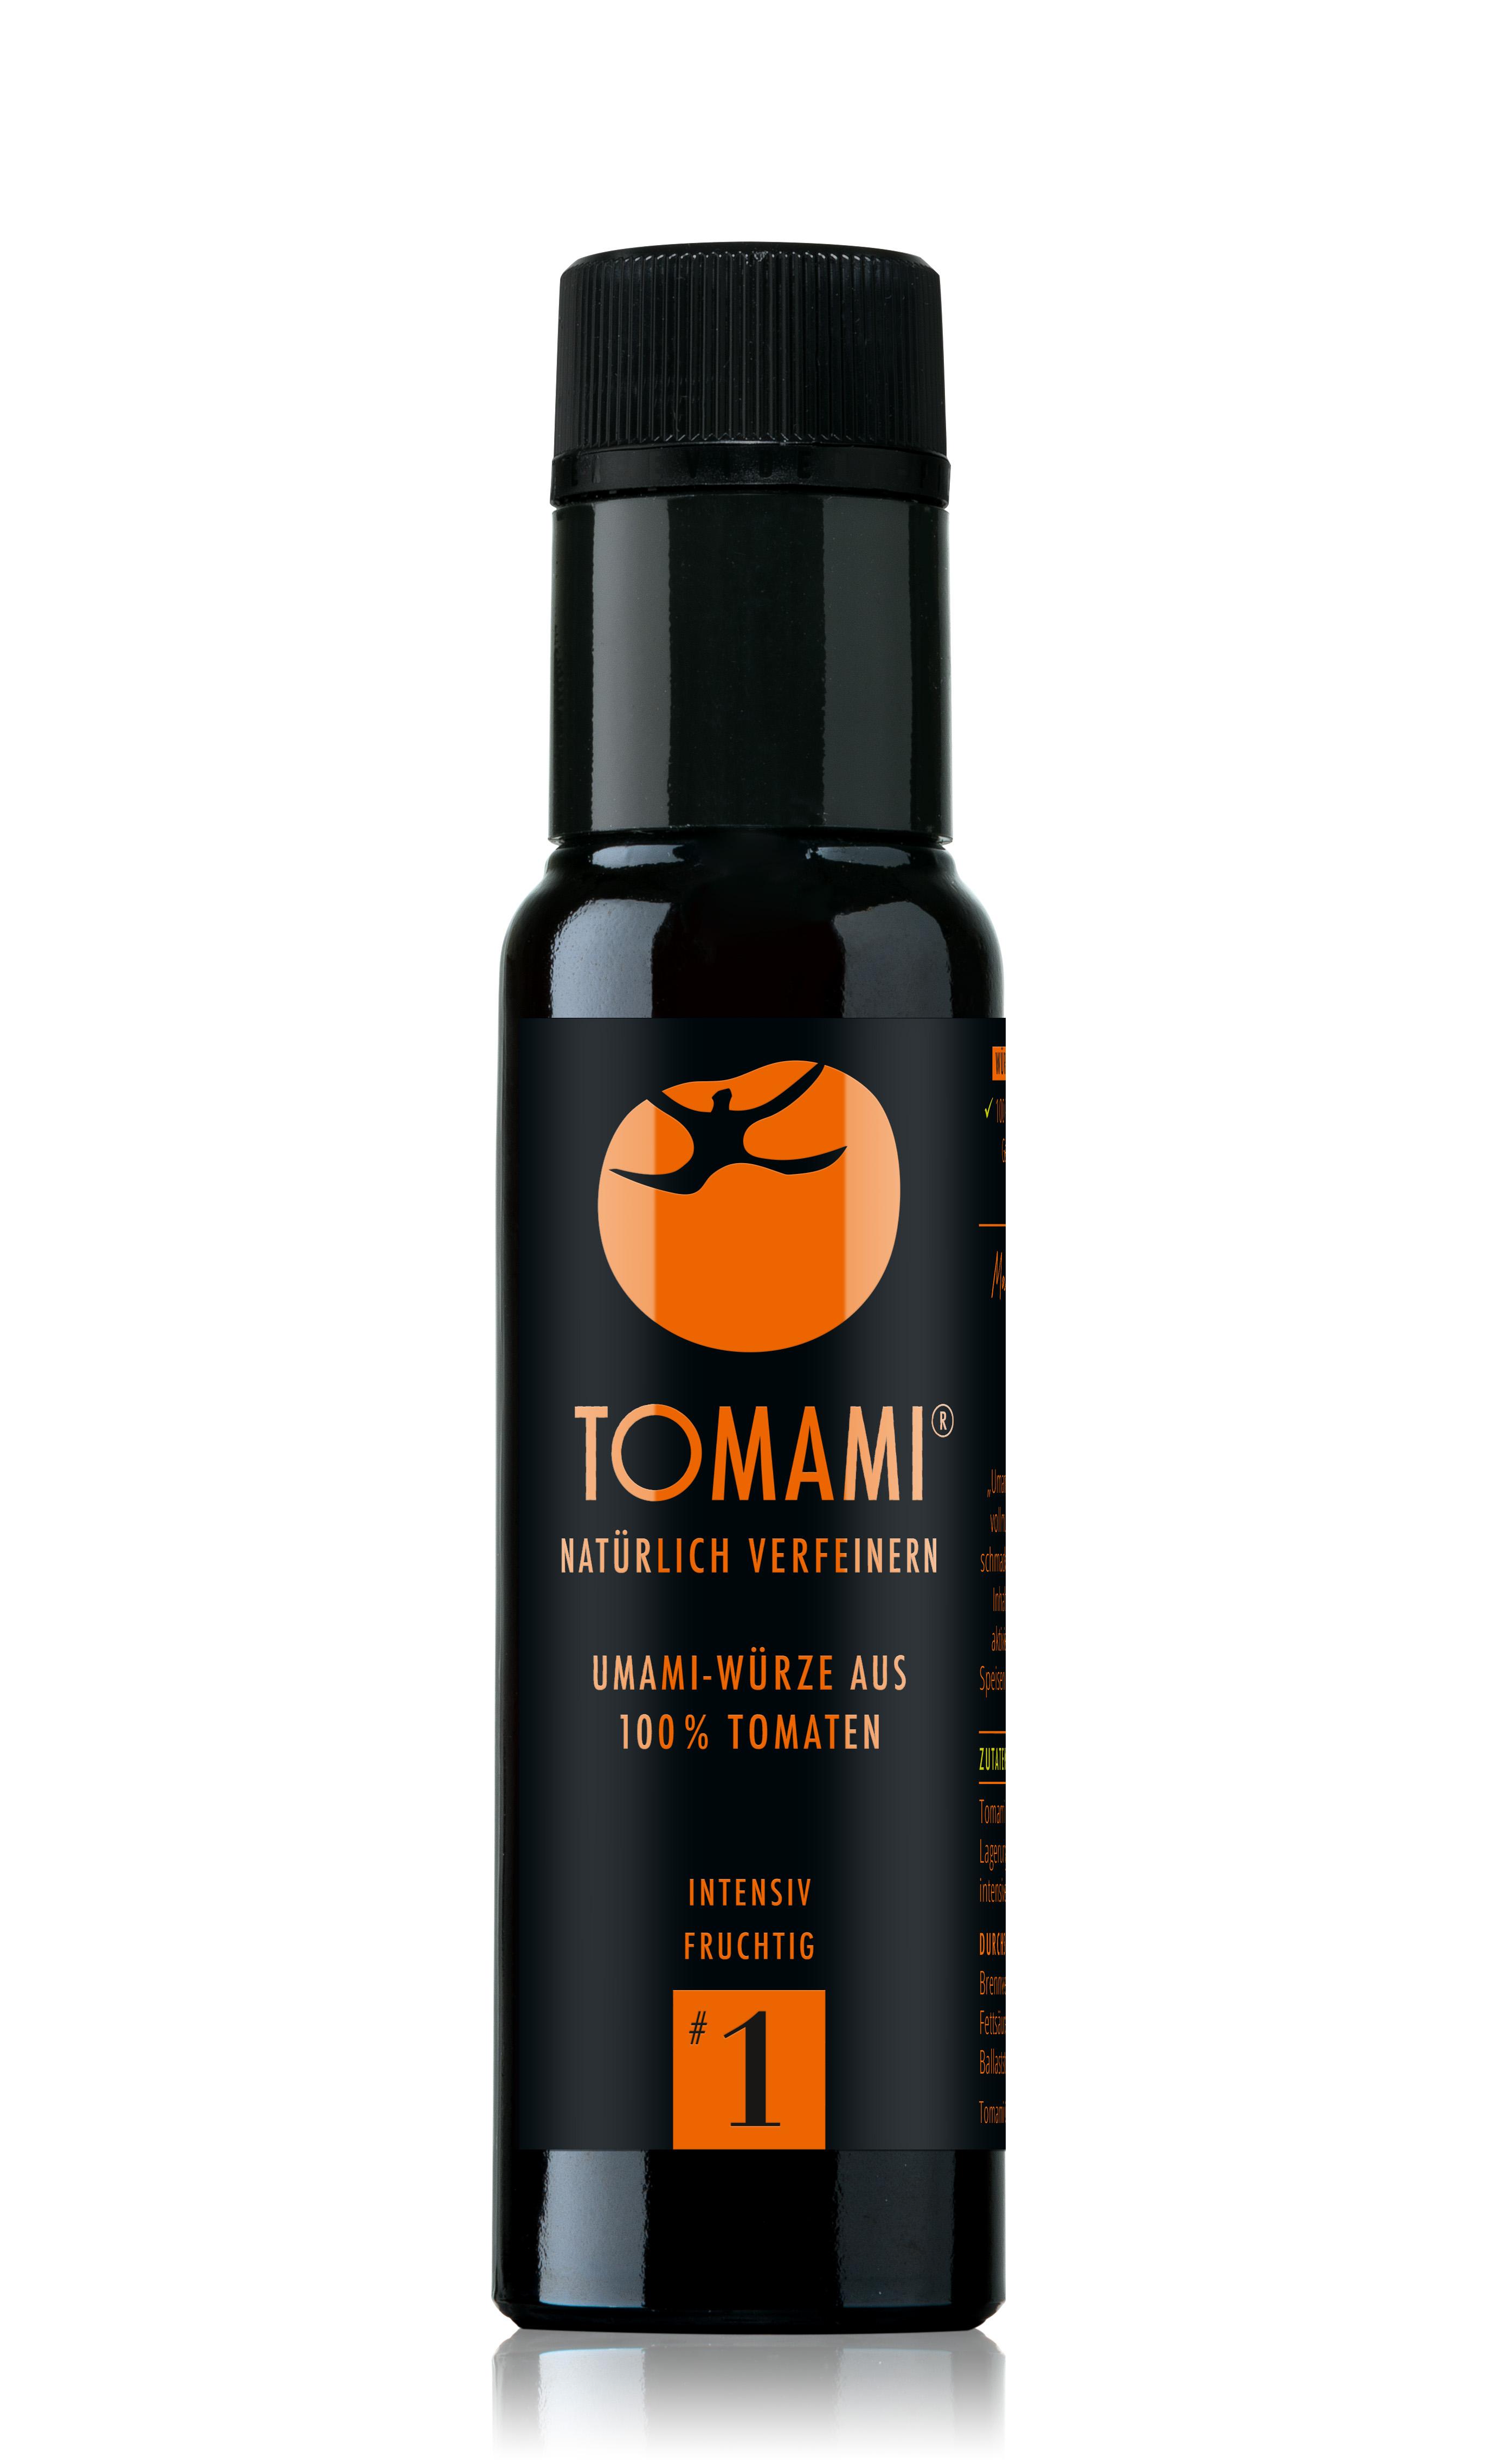 Tomami® #1 Umami